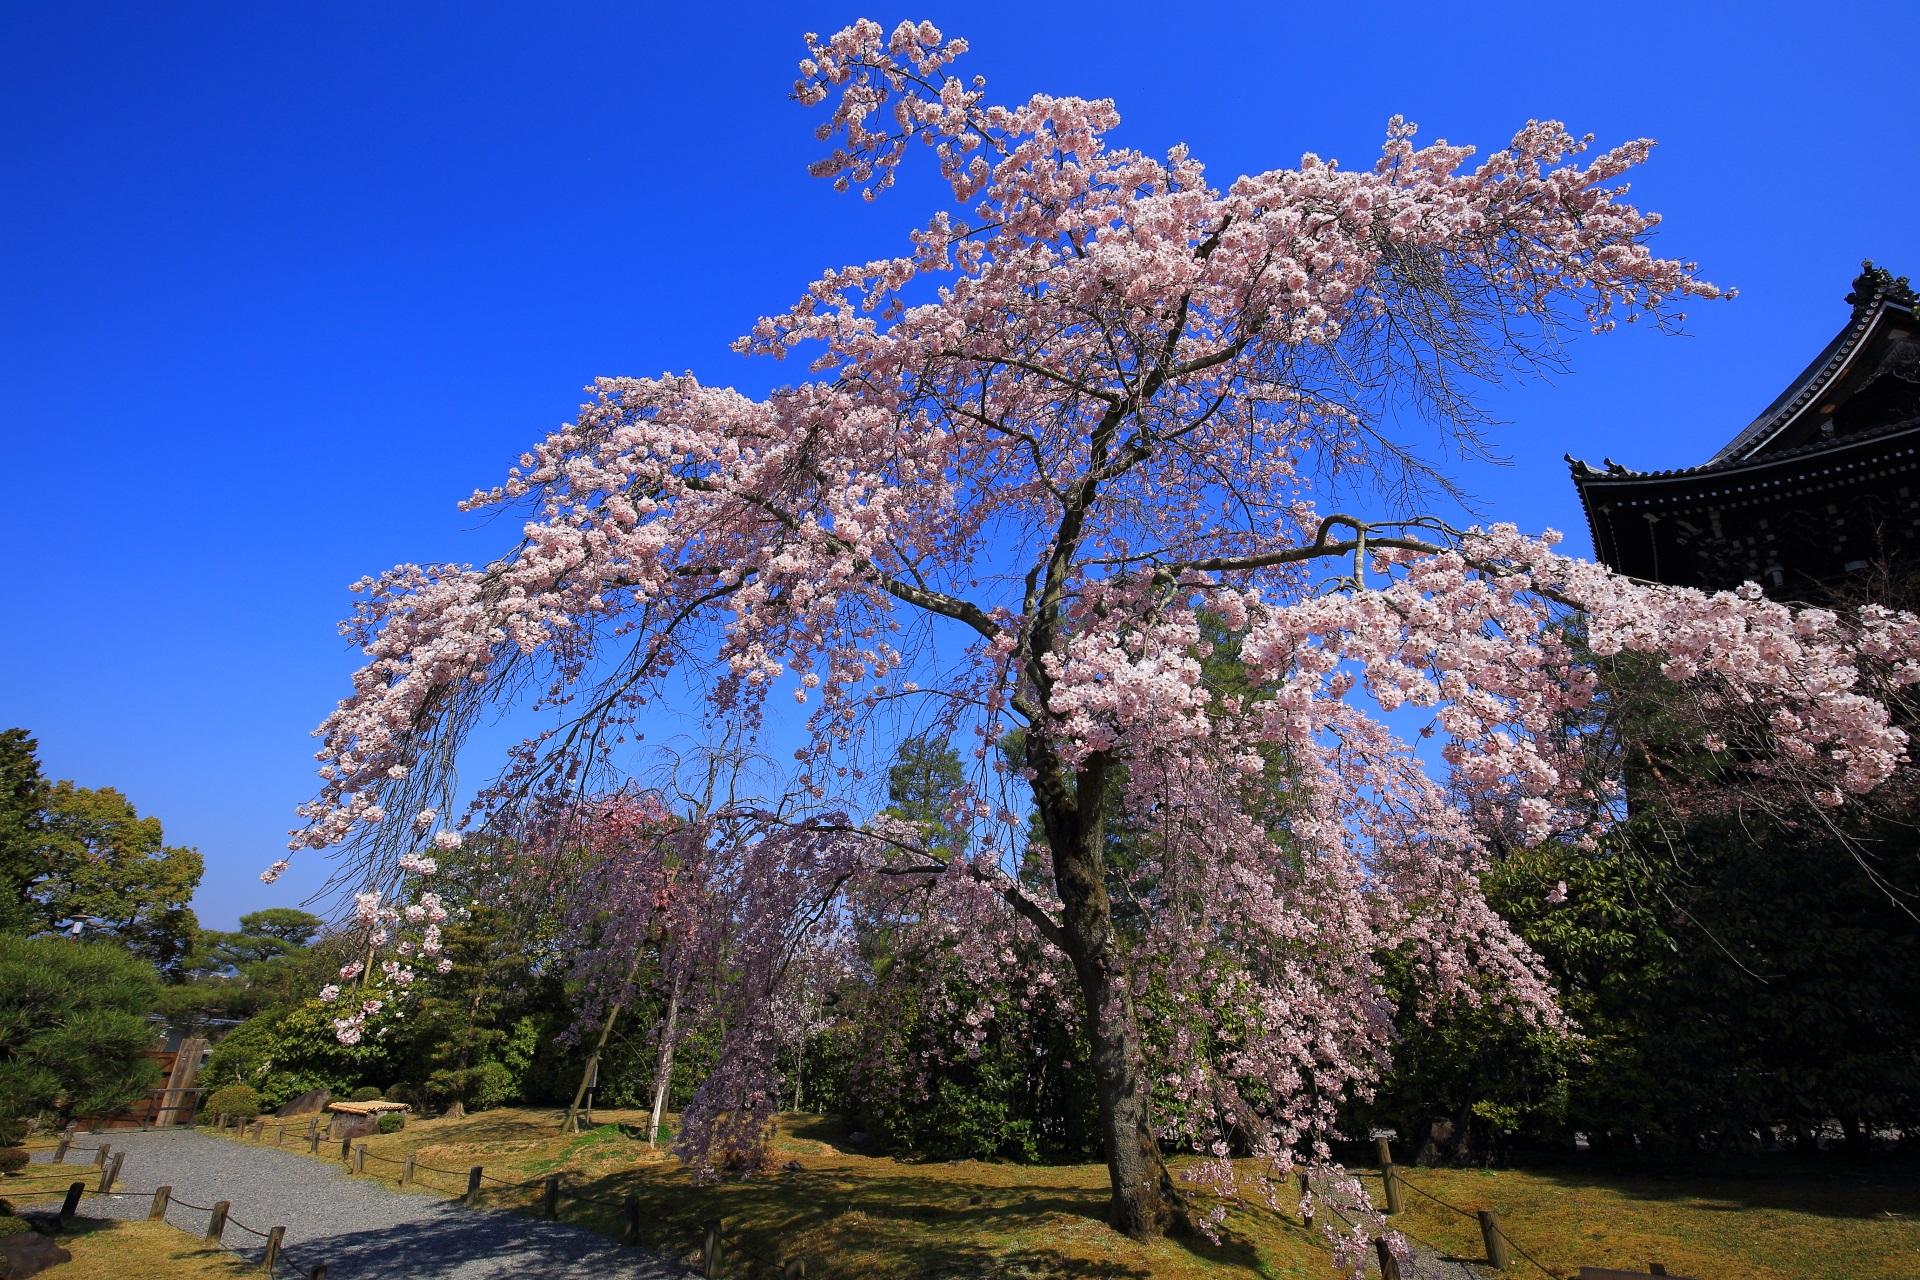 知恩院の有名な三門を背景にした友禅苑の桜